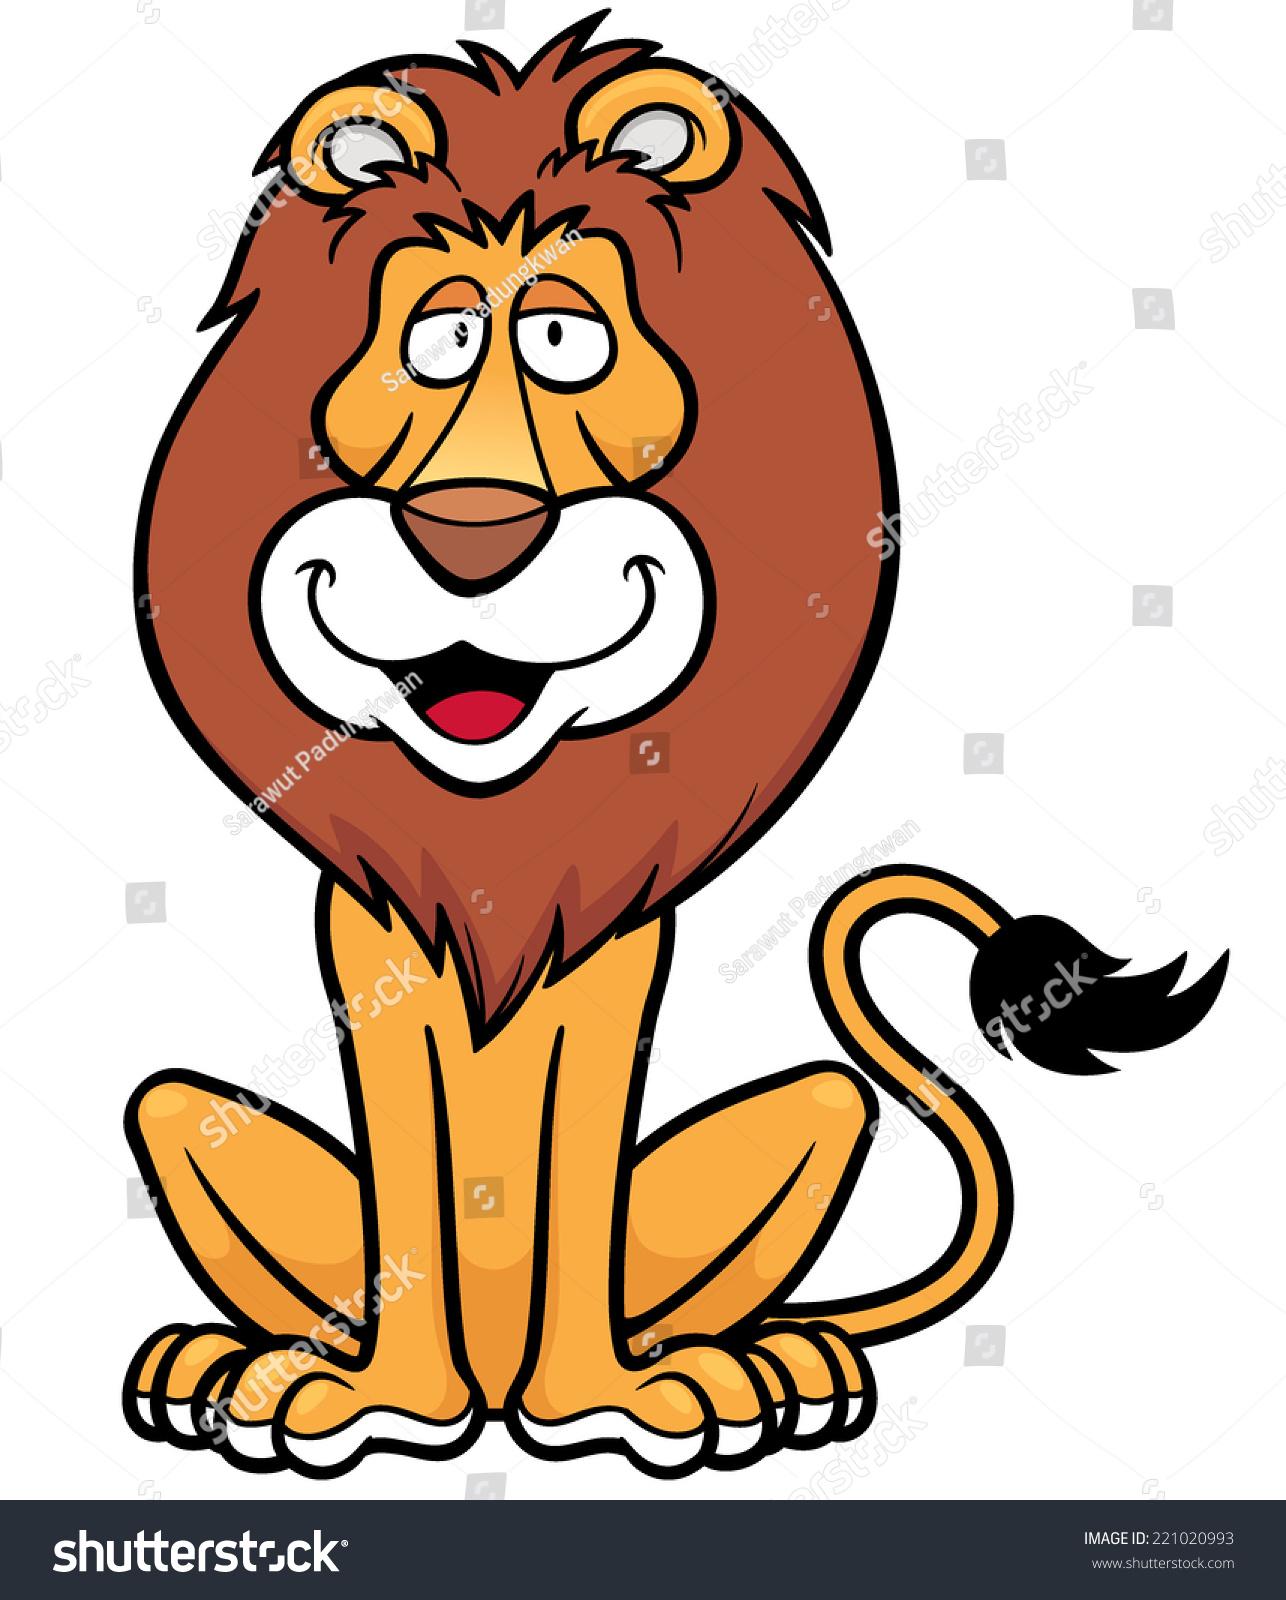 vector illustration lion cartoon stock vector 221020993 shutterstock